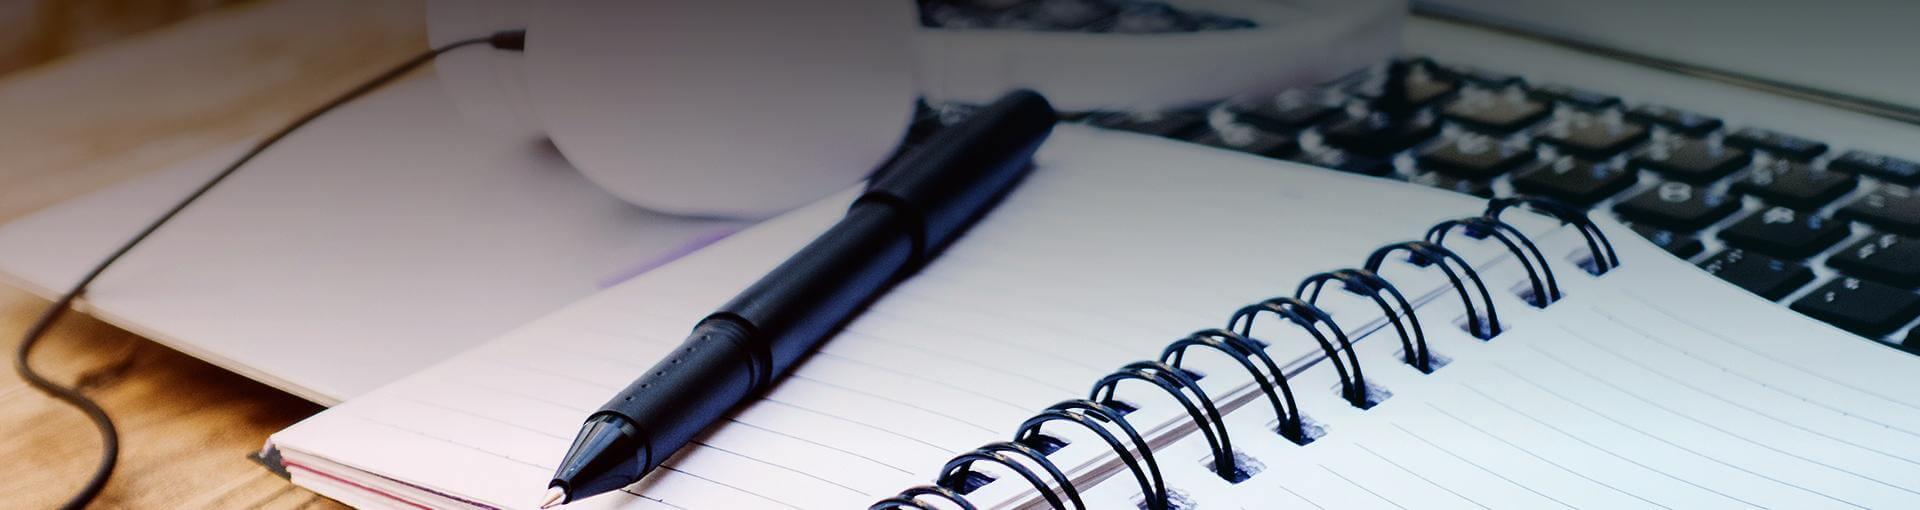 Schrift en pen